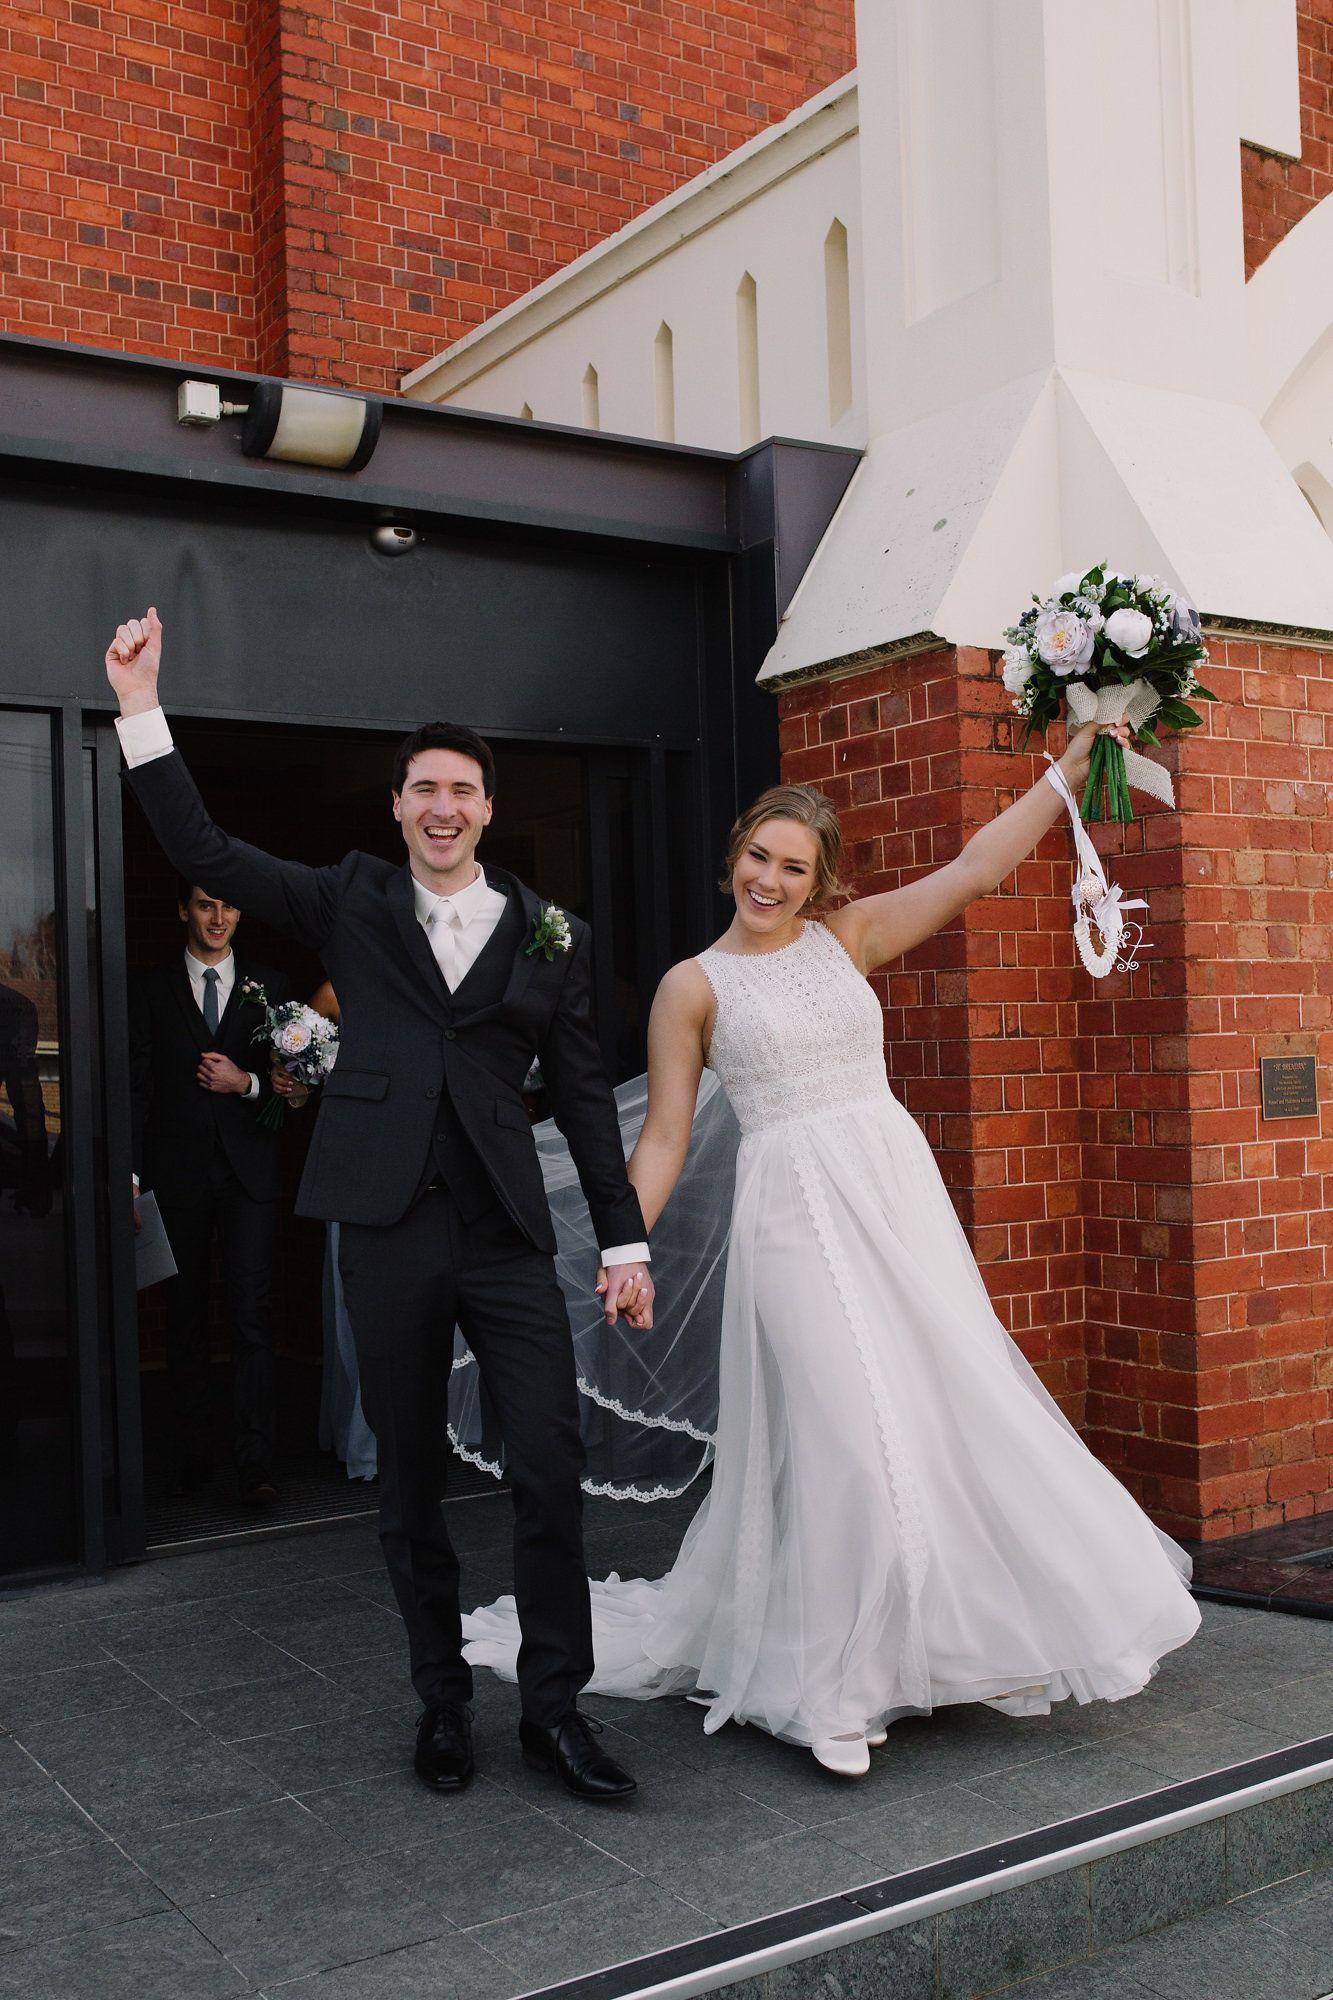 ALYSSA + HAYDEN RCREALBRIDE Alyssa wore the Darian by